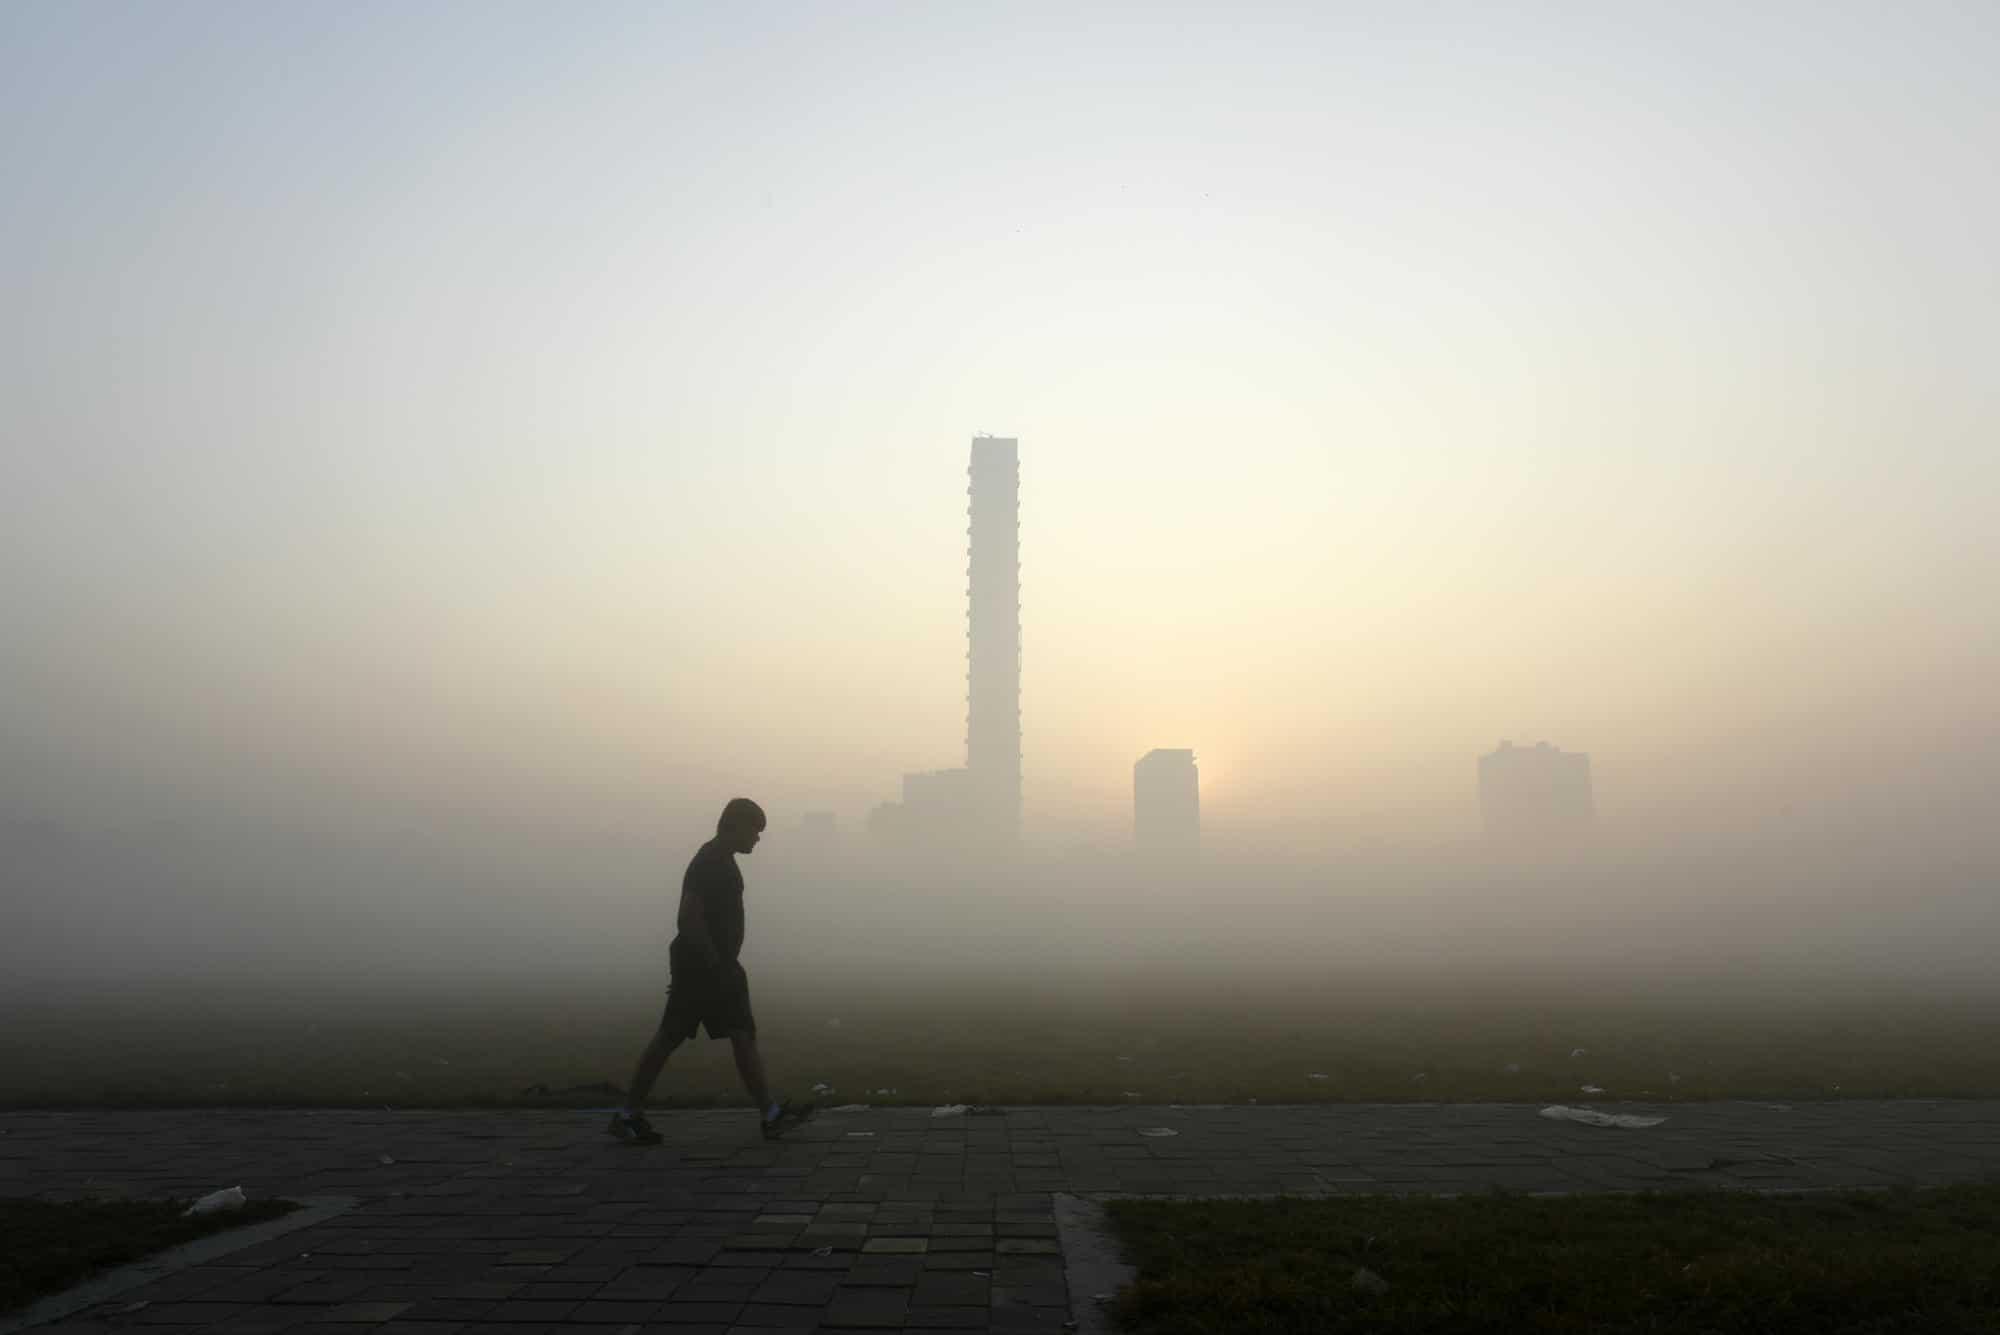 szennyezett levego varosok budapest szmog